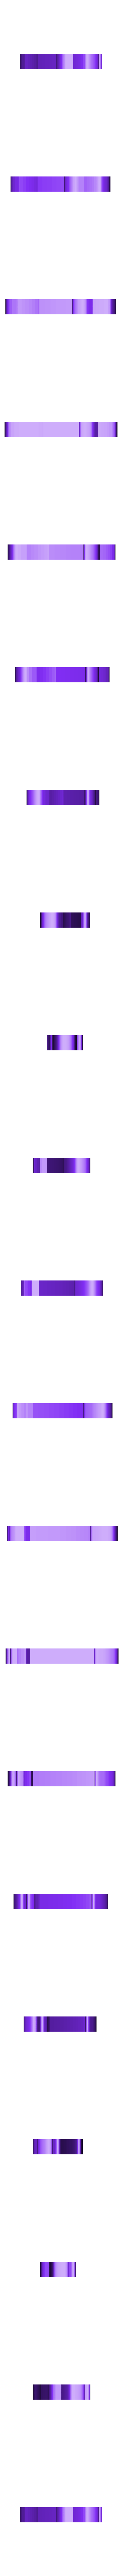 """T-1.stl Télécharger fichier STL gratuit LED light letters """"Why not?"""" • Objet pour impression 3D, dukedoks"""